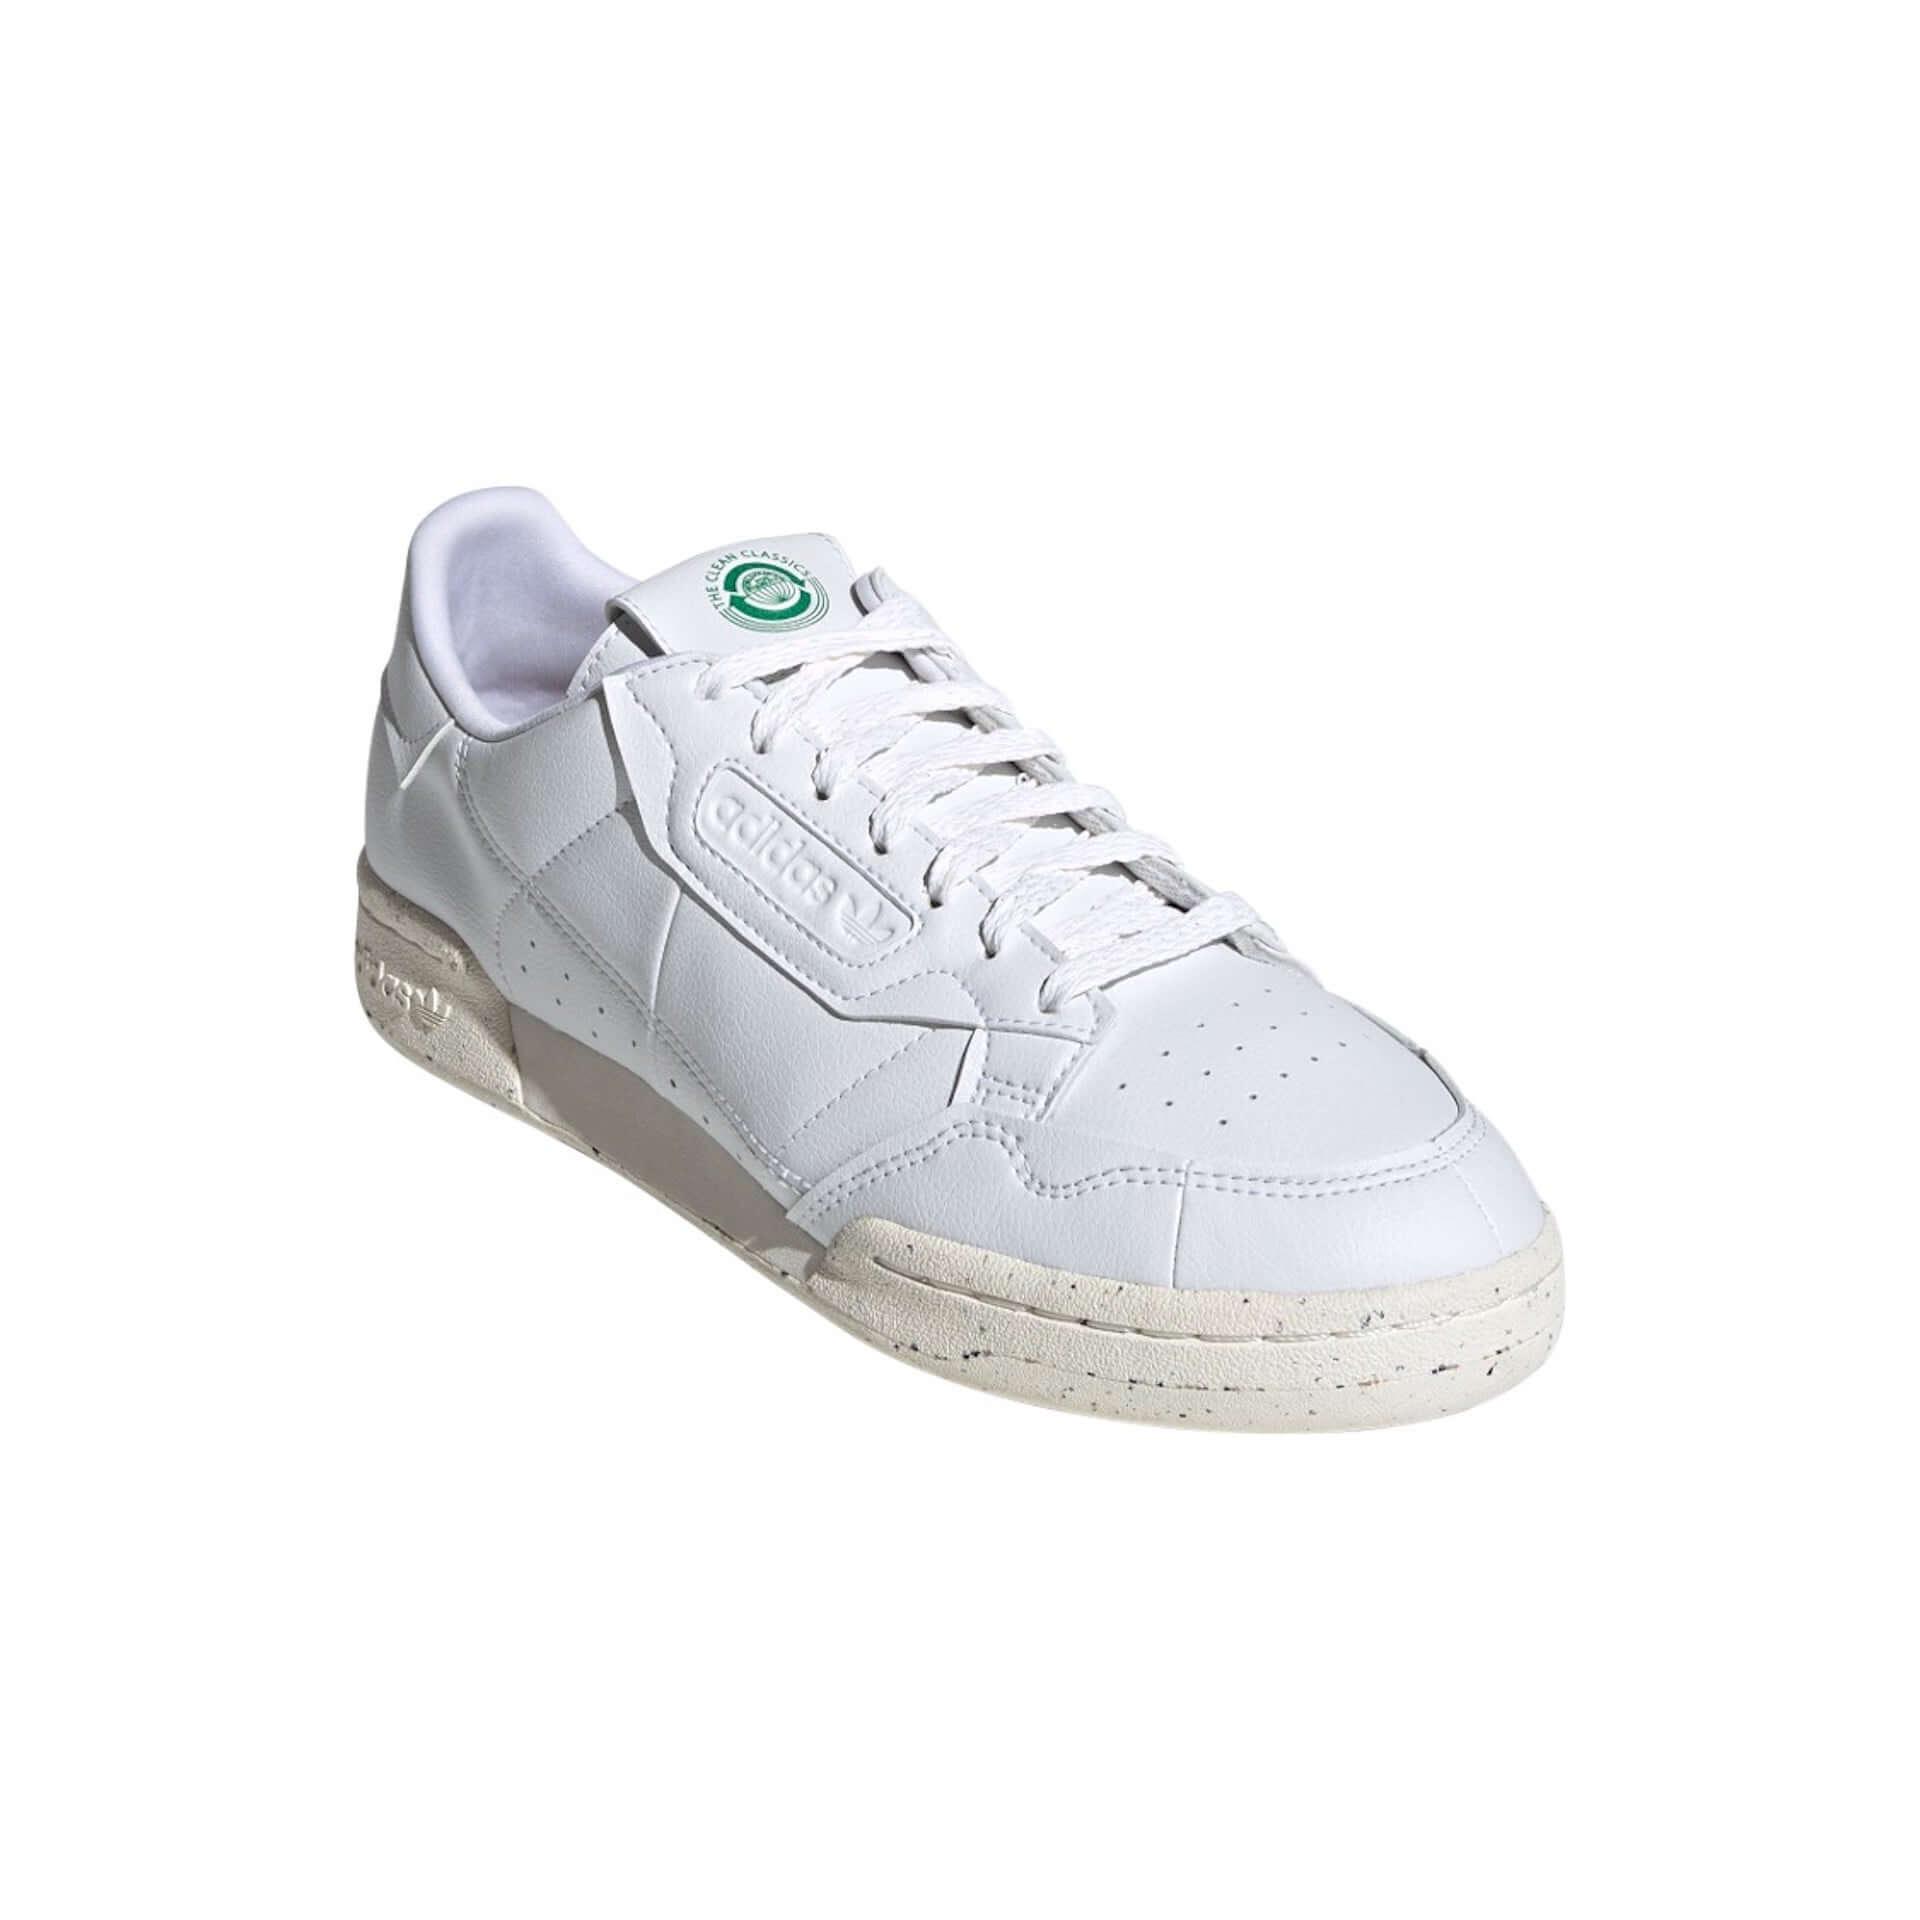 adidas Originalsがサステナブルなフットウェアコレクション「Clean Classics」を発売!名作「SUPERSTAR」「STAN SMITH」も登場 lf200804_adidas-cleanclassics_11-1920x1920